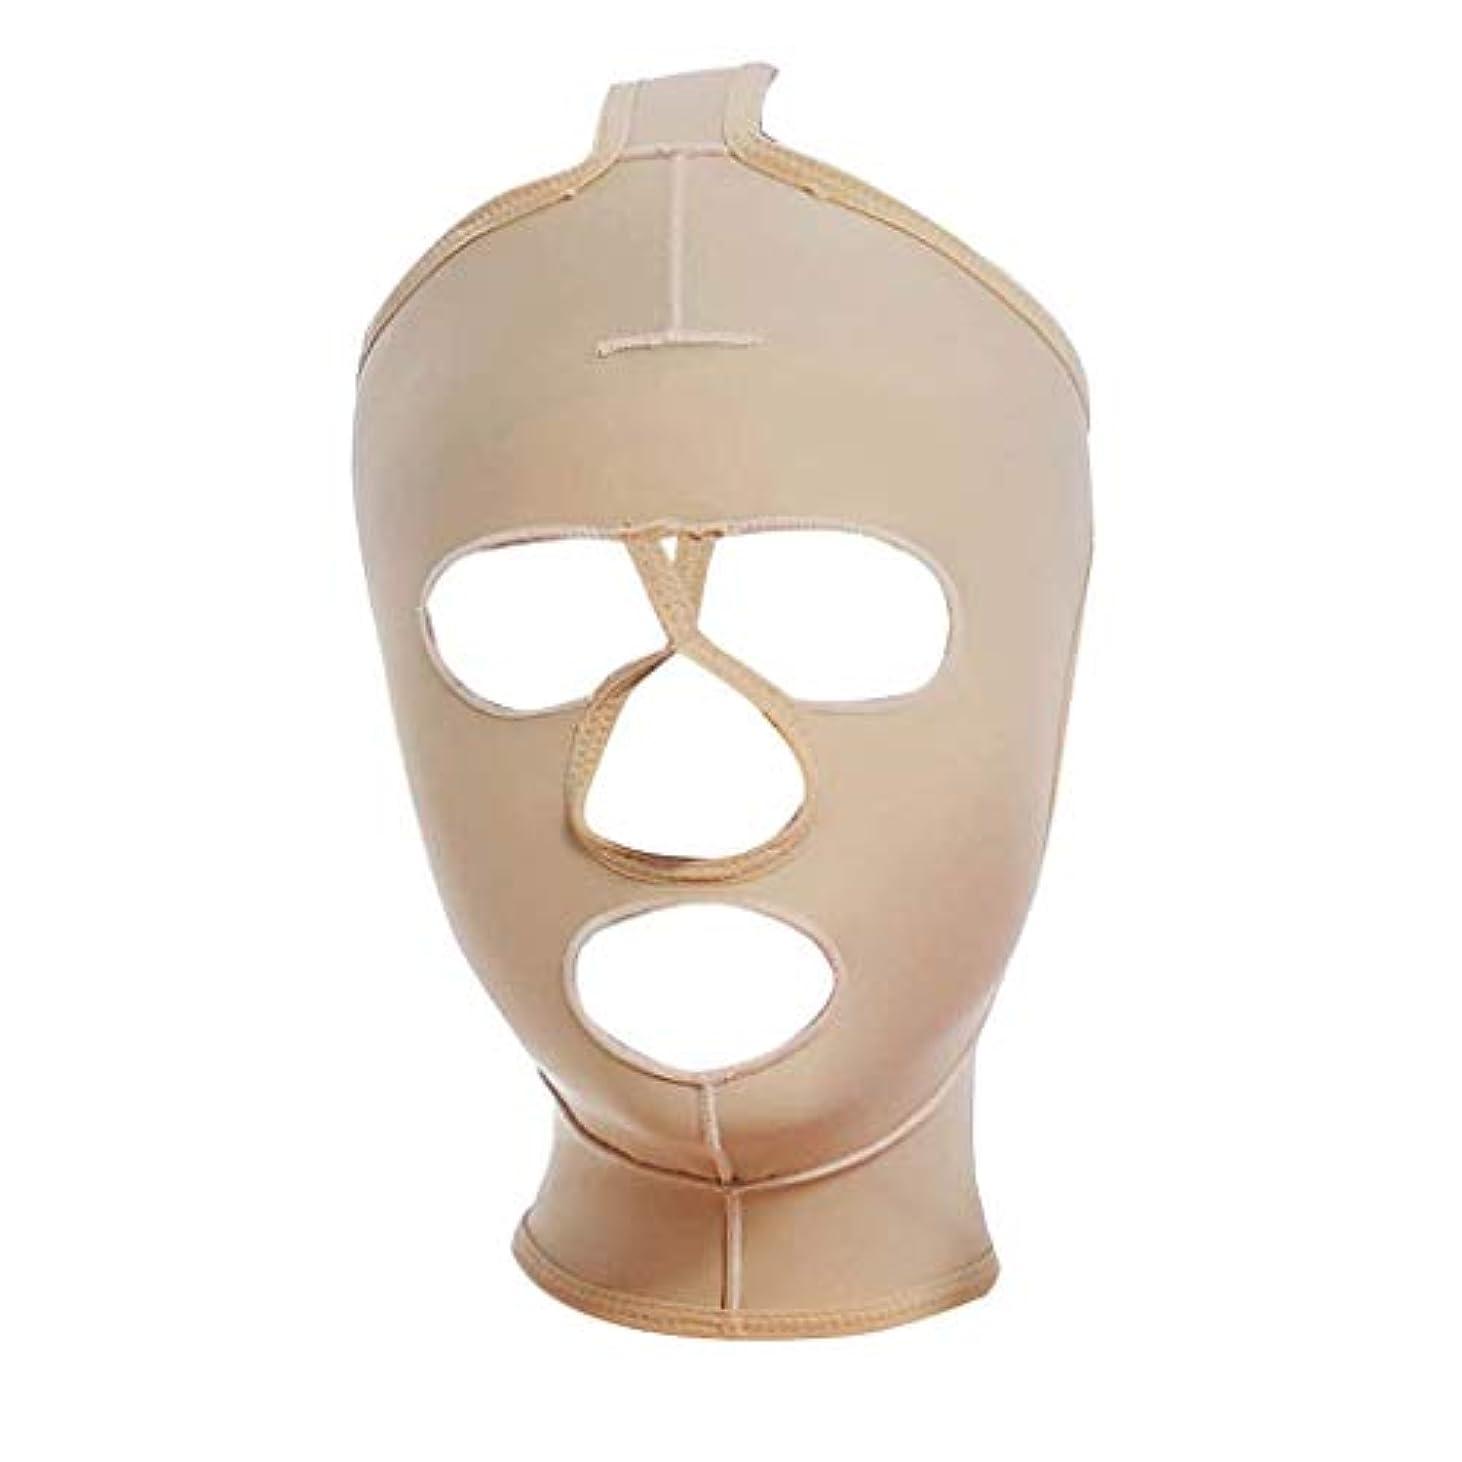 天窓分遺産フェイス&ネックリフト、減量フェイスマスク脂肪吸引術脂肪吸引術整形マスクフードフェイスリフティングアーティファクトVフェイスビームフェイス弾性スリーブ(サイズ:XXL),Xl